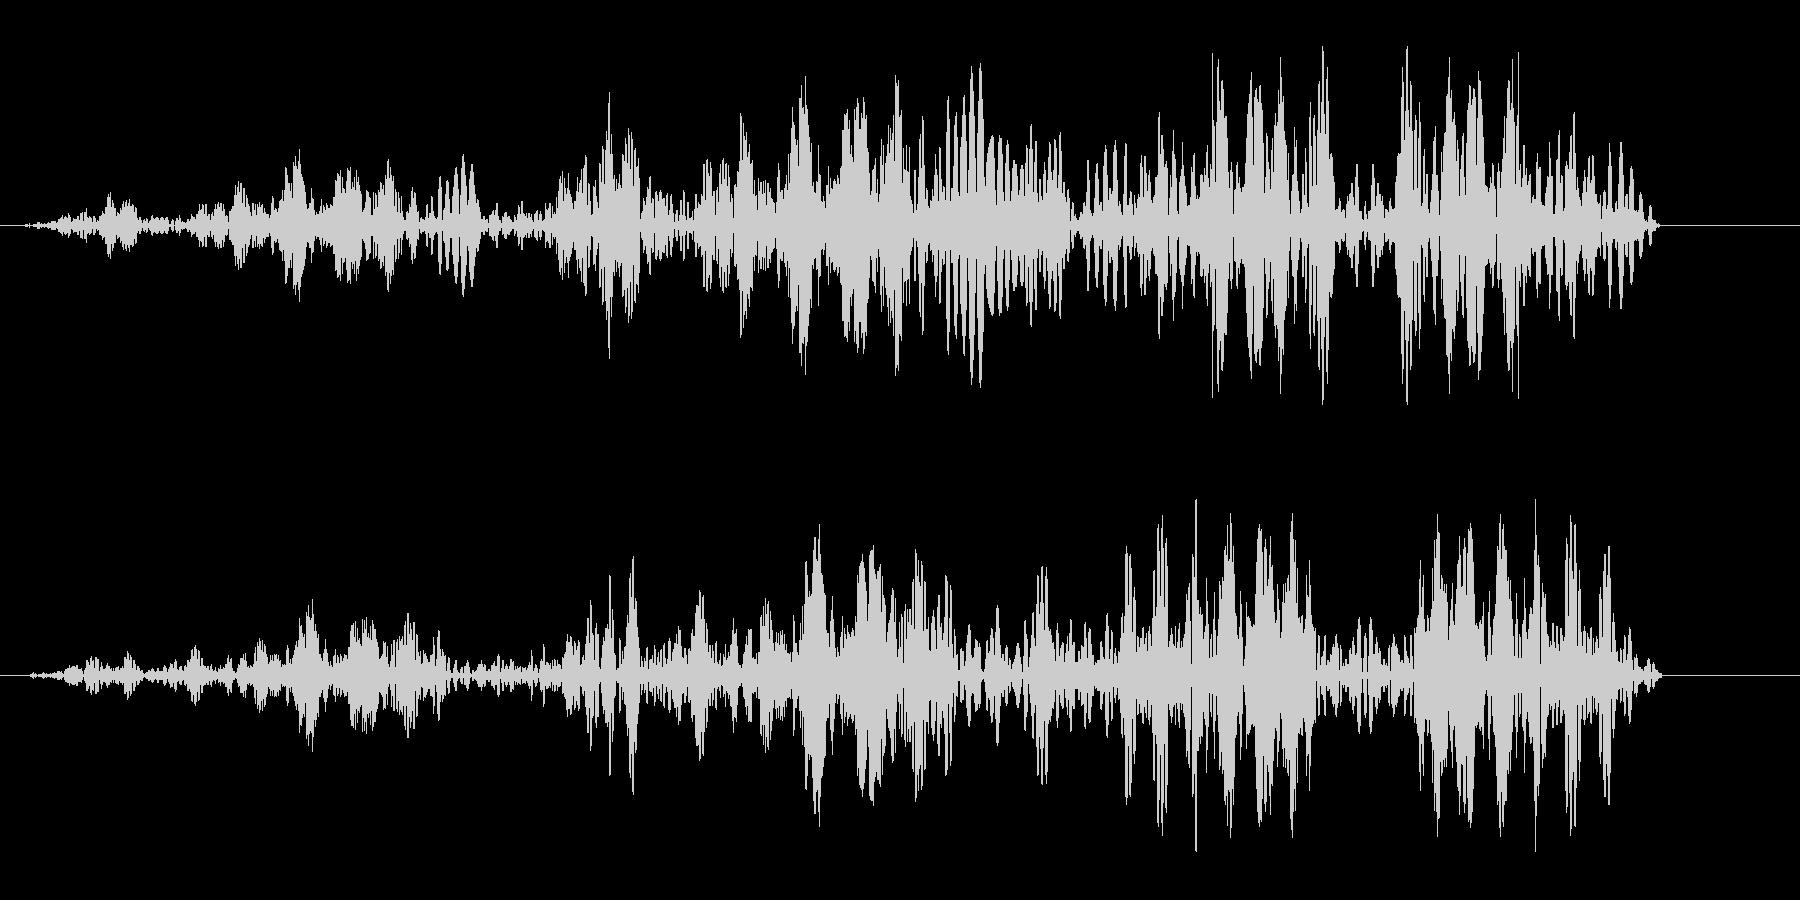 ヒュルヒュル(ロープが巻き取られる音)の未再生の波形